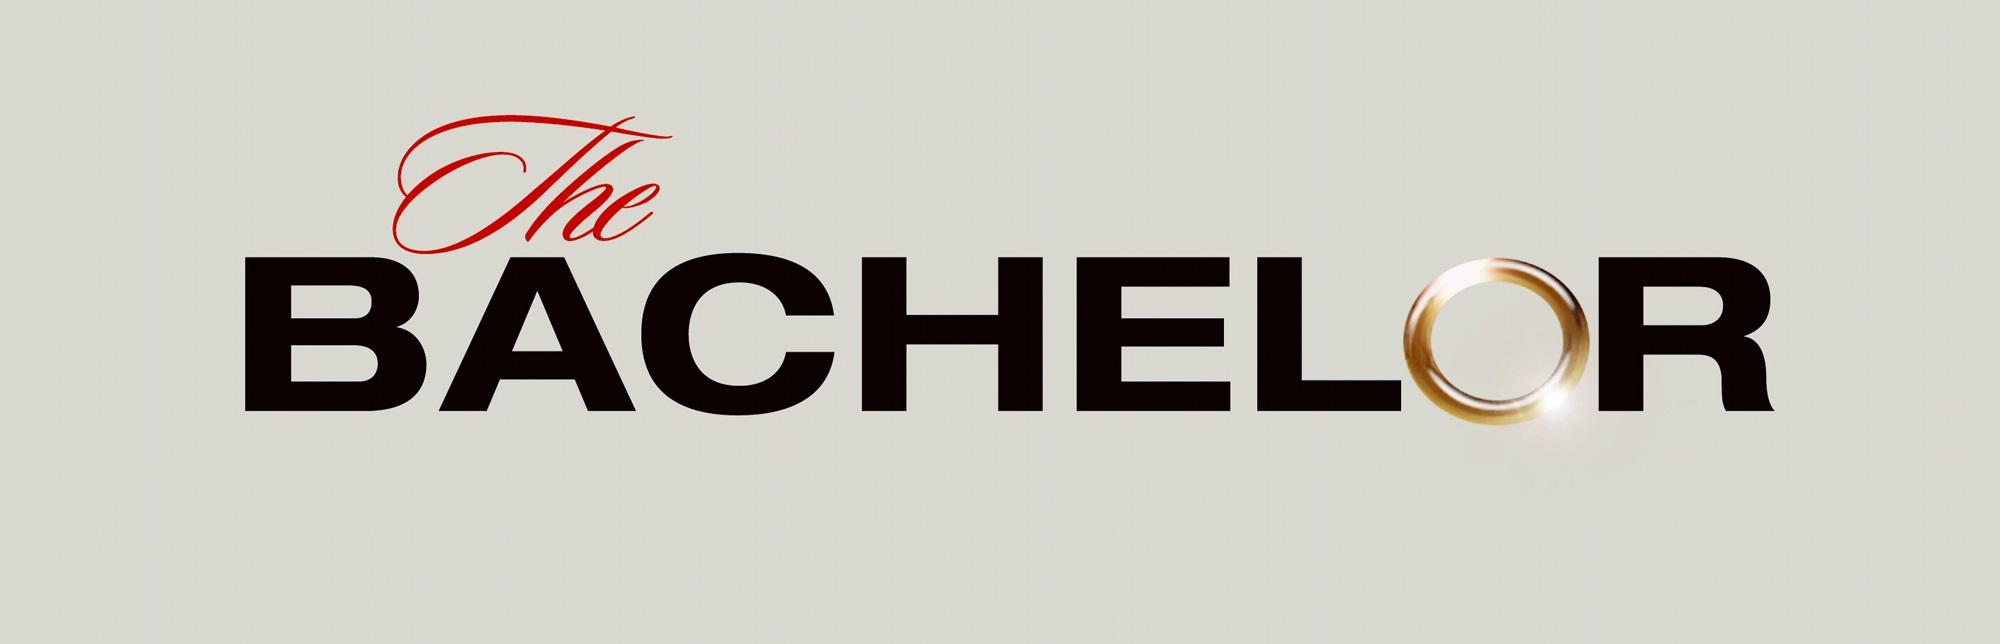 Thebachelor-logo